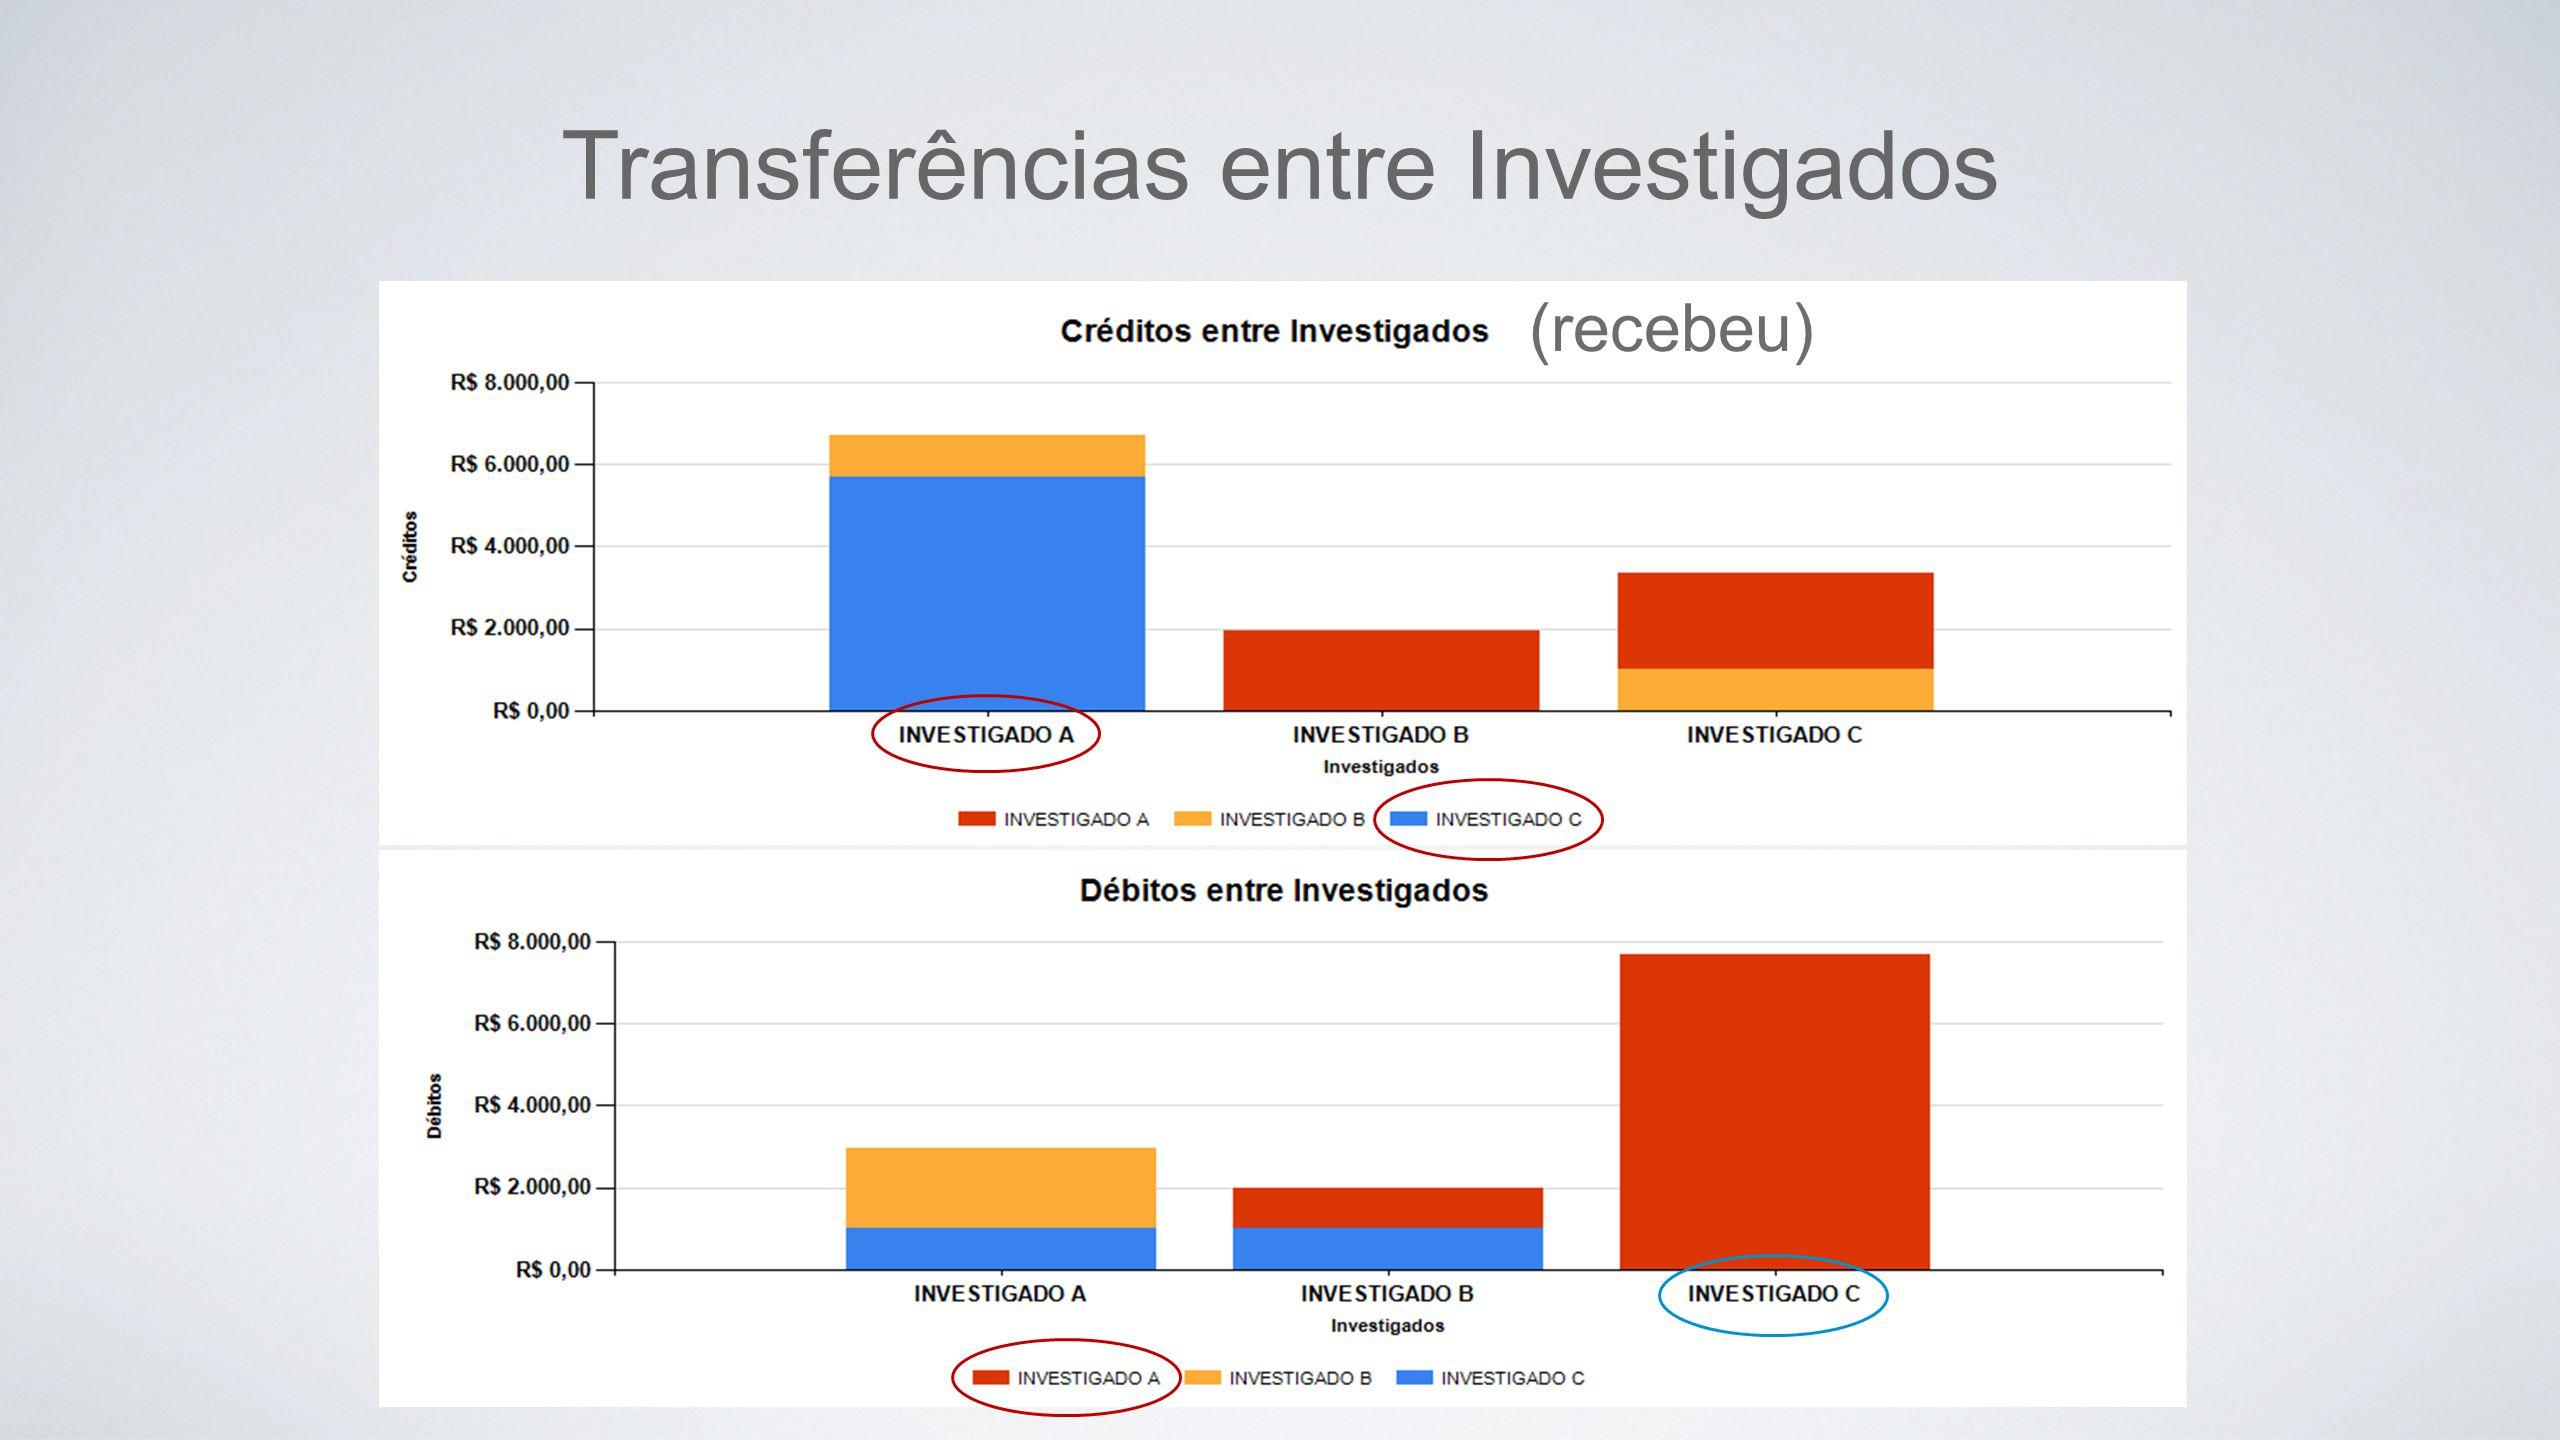 Transferências entre Investigados (recebeu)